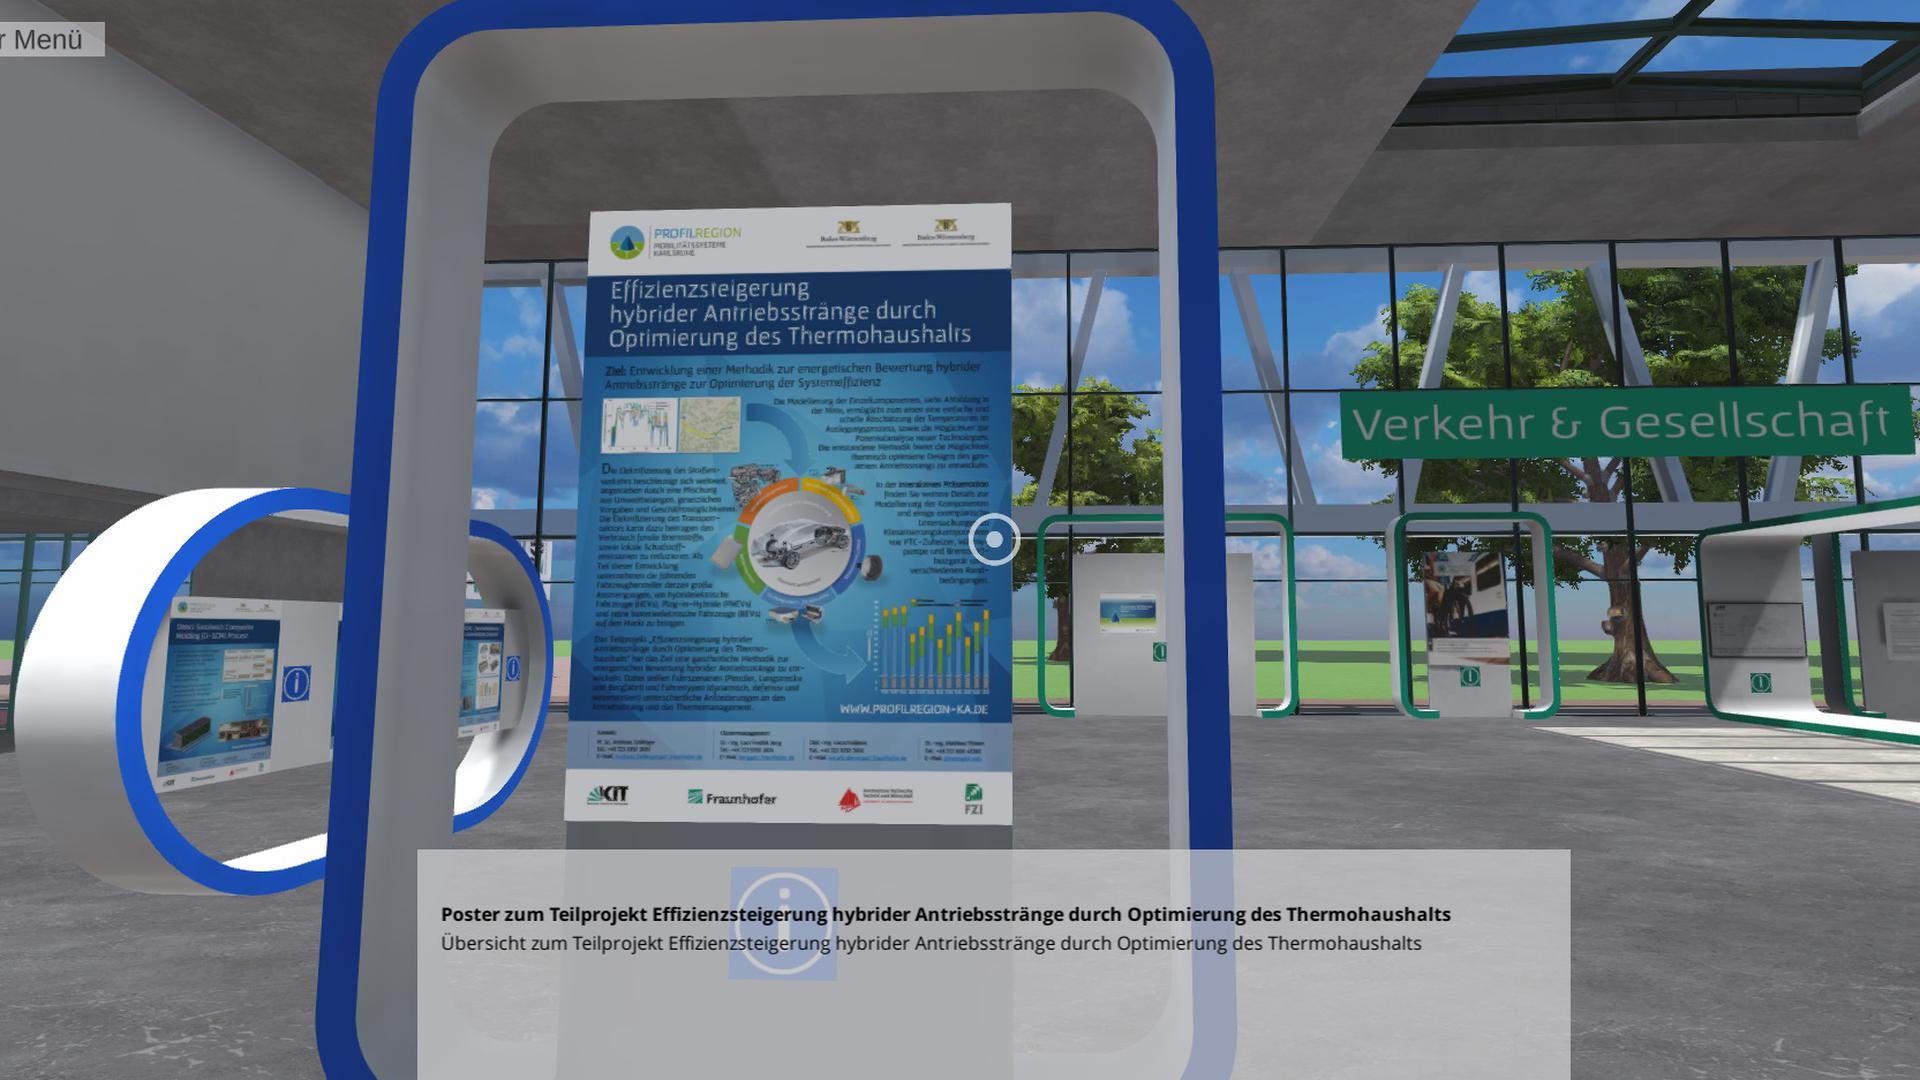 Videos, Präsentationen und Vorträge informieren über die bisherigen wissenschaftlichen Ergebnisse des Forschungsverbunds Leistungszentrum Profilregion Mobilitätssysteme Karlsruhe.